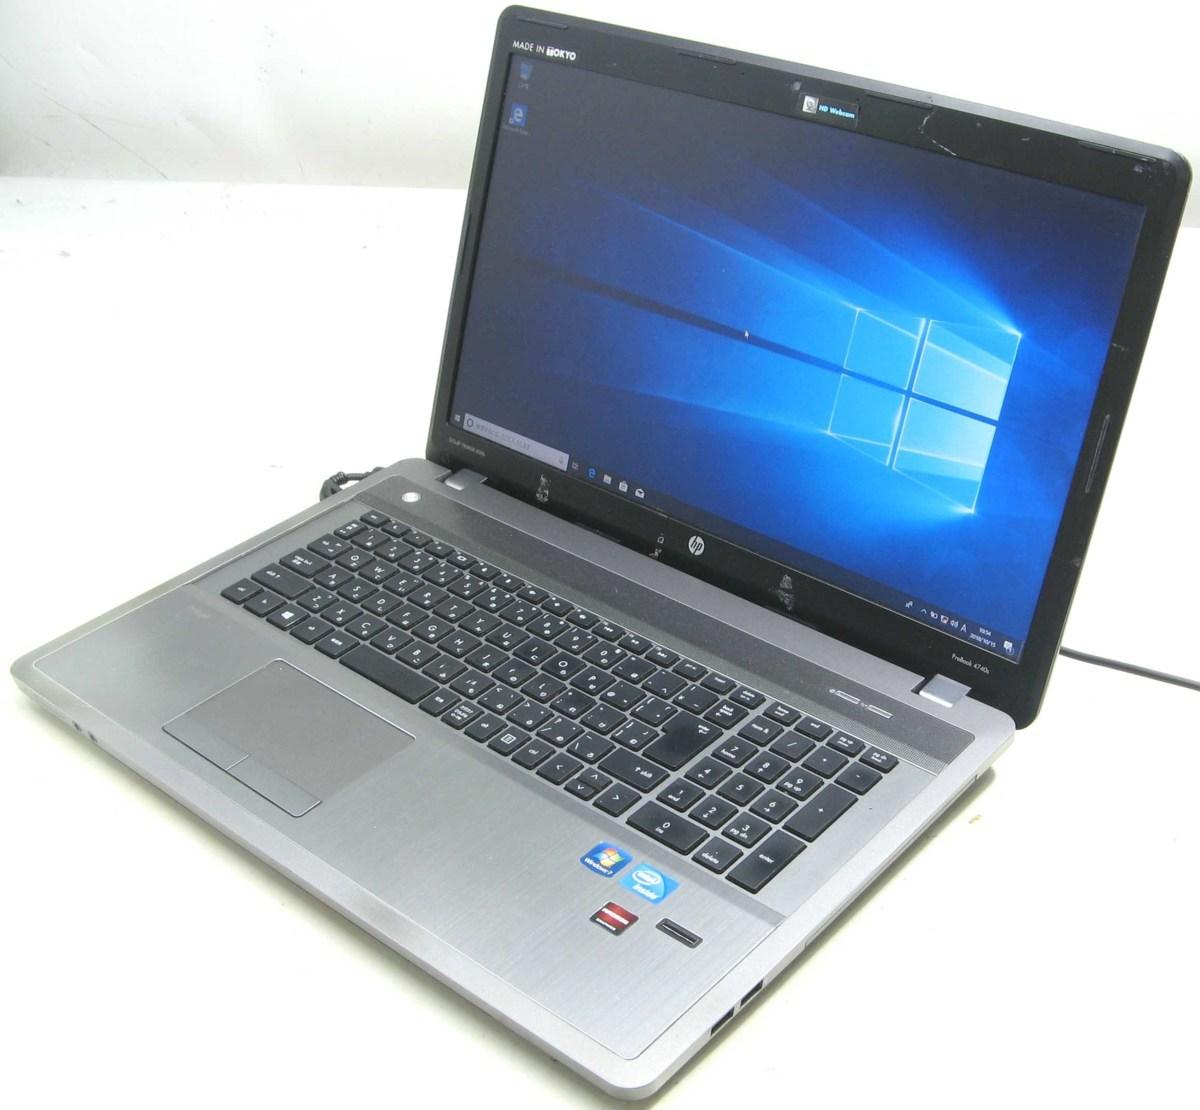 中古ノートパソコン HP ProBook 4740S-1900WX++(ヒューレット・パッカード Windows10 17.3インチ HDMI出力端子 DVDスーパーマルチドライブ)【中古】【中古パソコン/中古PC】